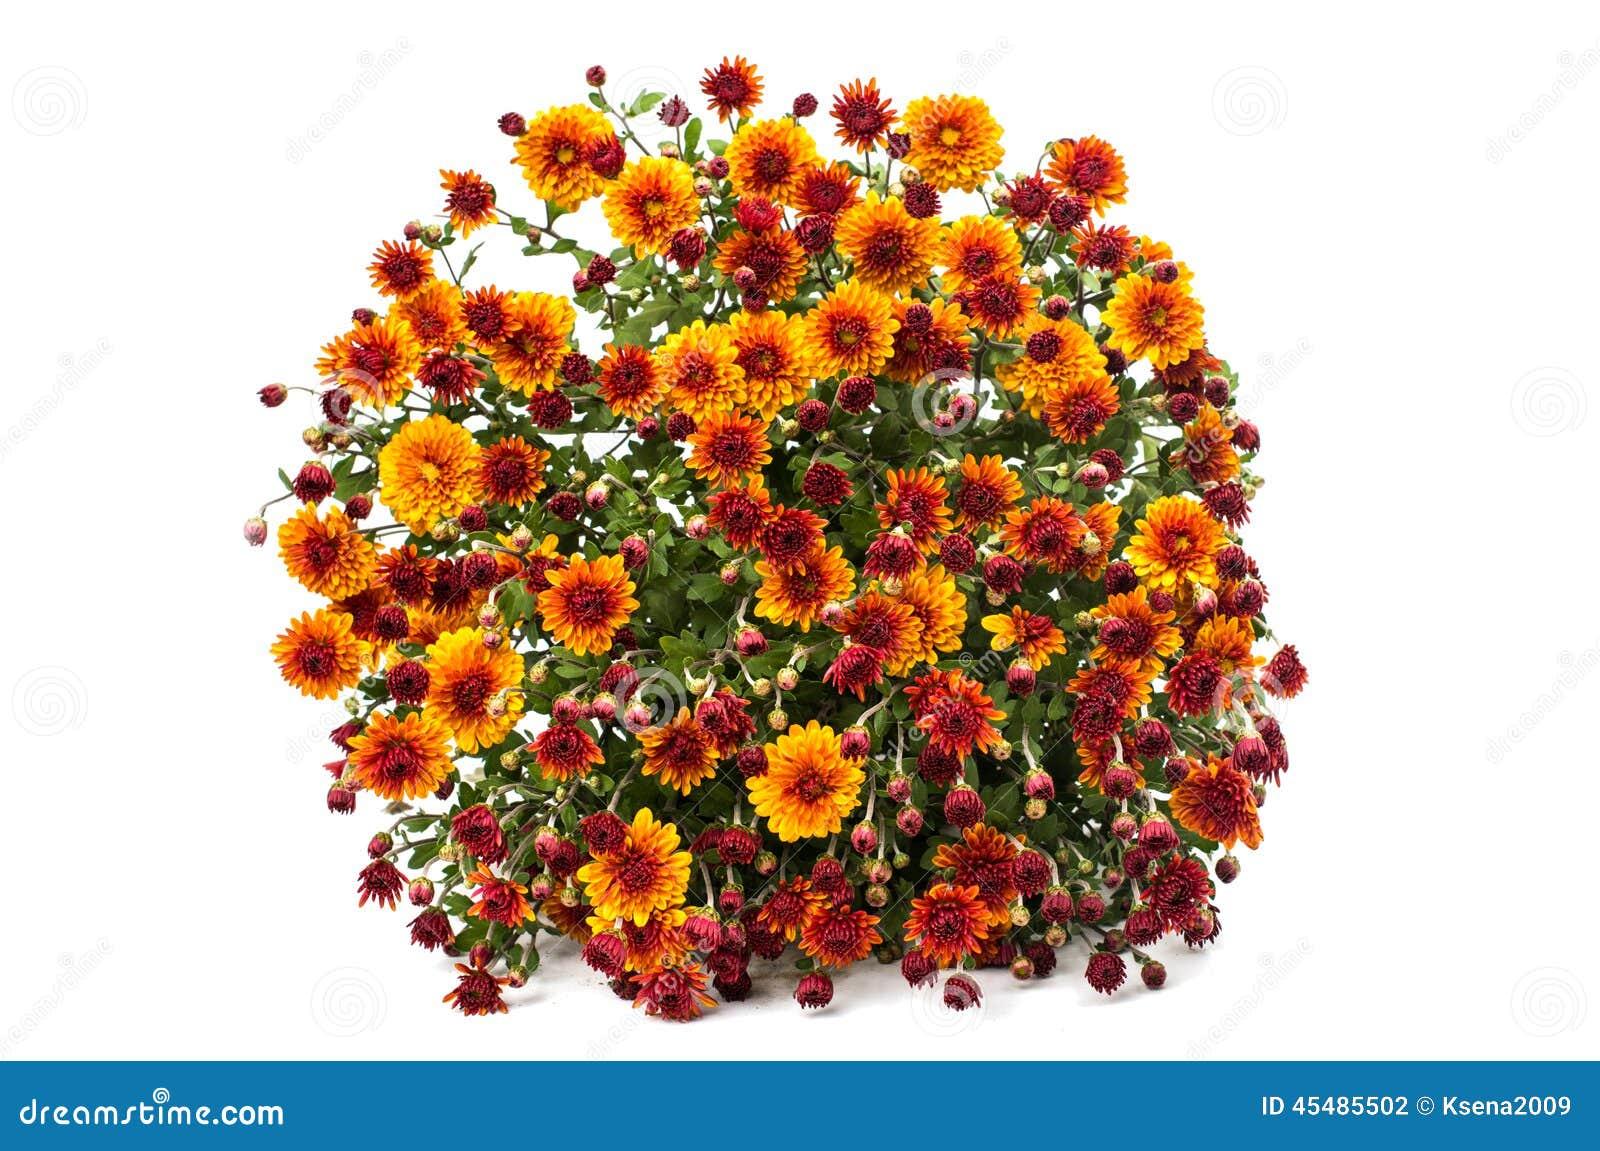 菊花橙黄色